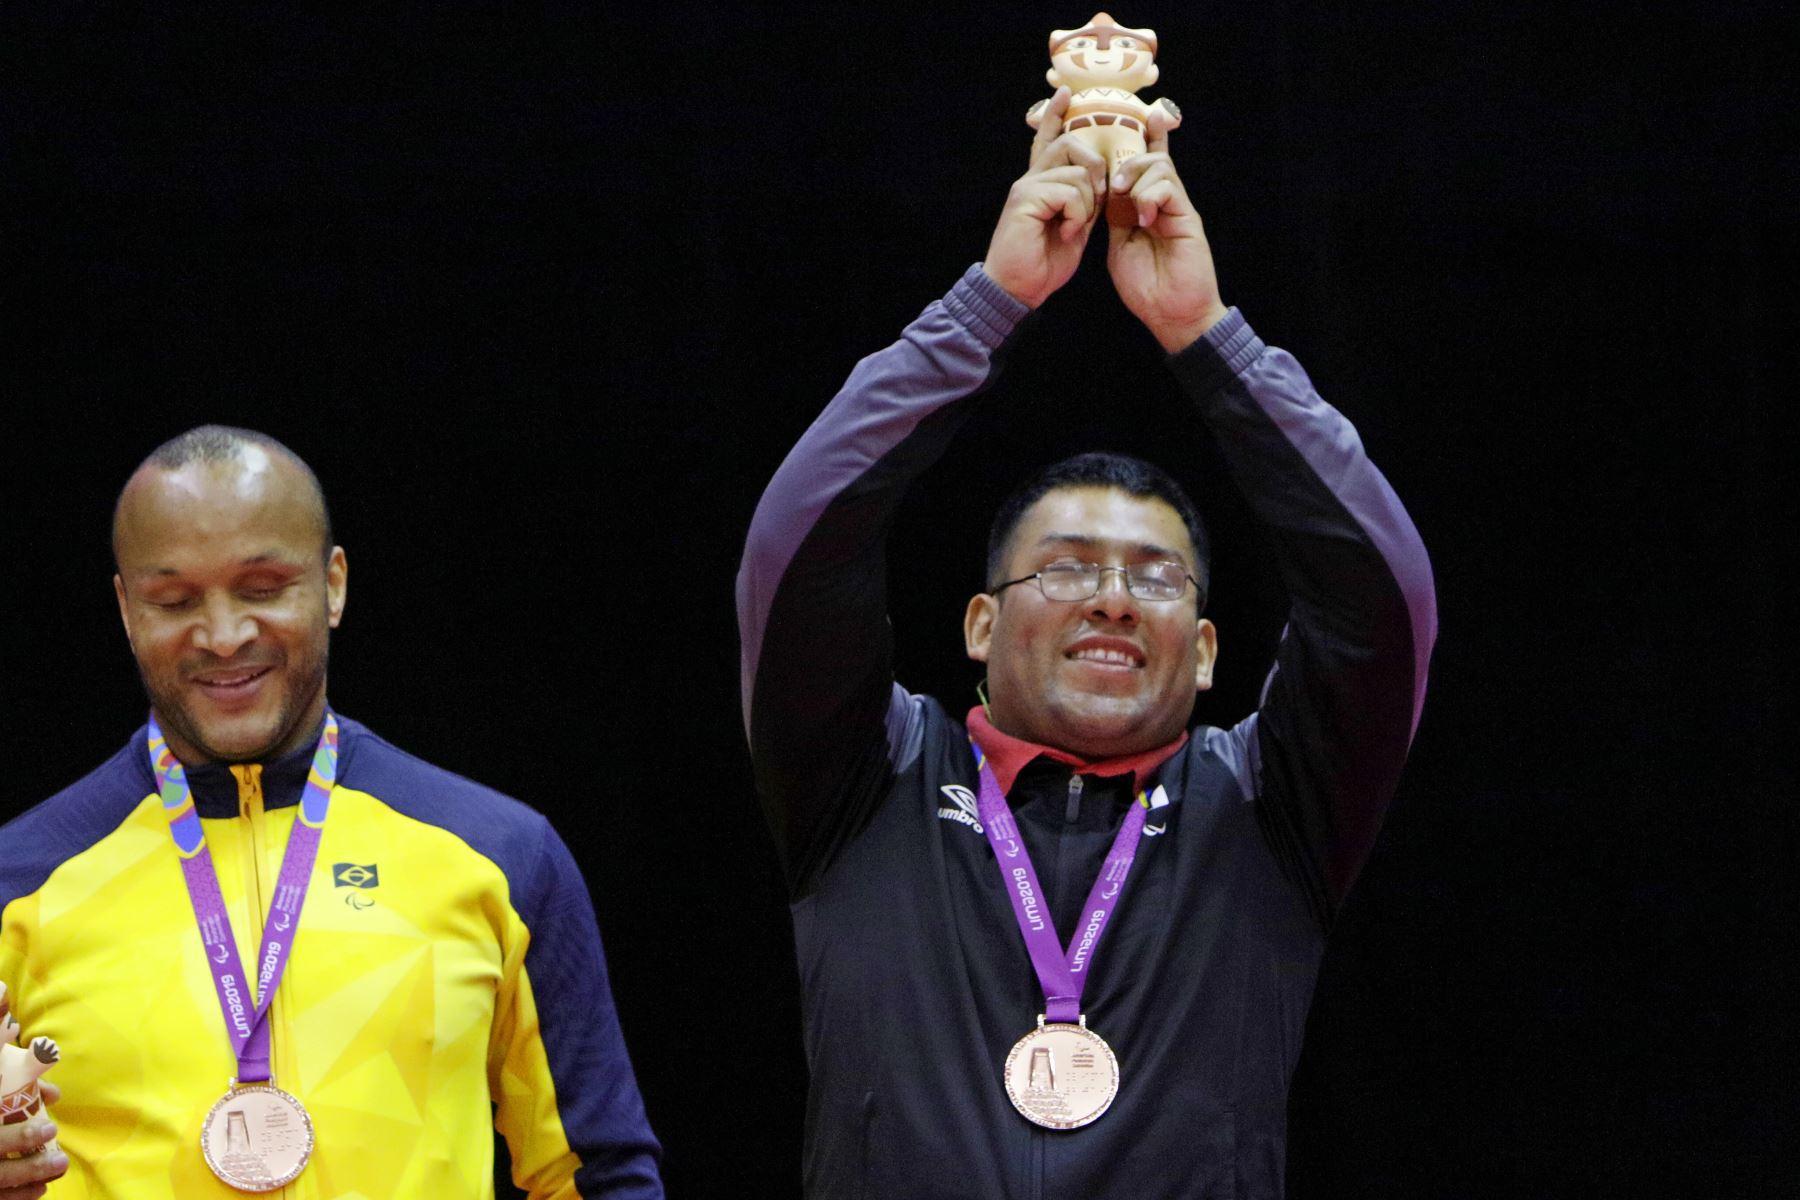 El paradeportista Antero Villalobos ganó la segunda medalla  de bronce para la delegación peruana en los Juegos Parapanamericanos Lima 2019. Foto.ANDINA/LIMA 2019